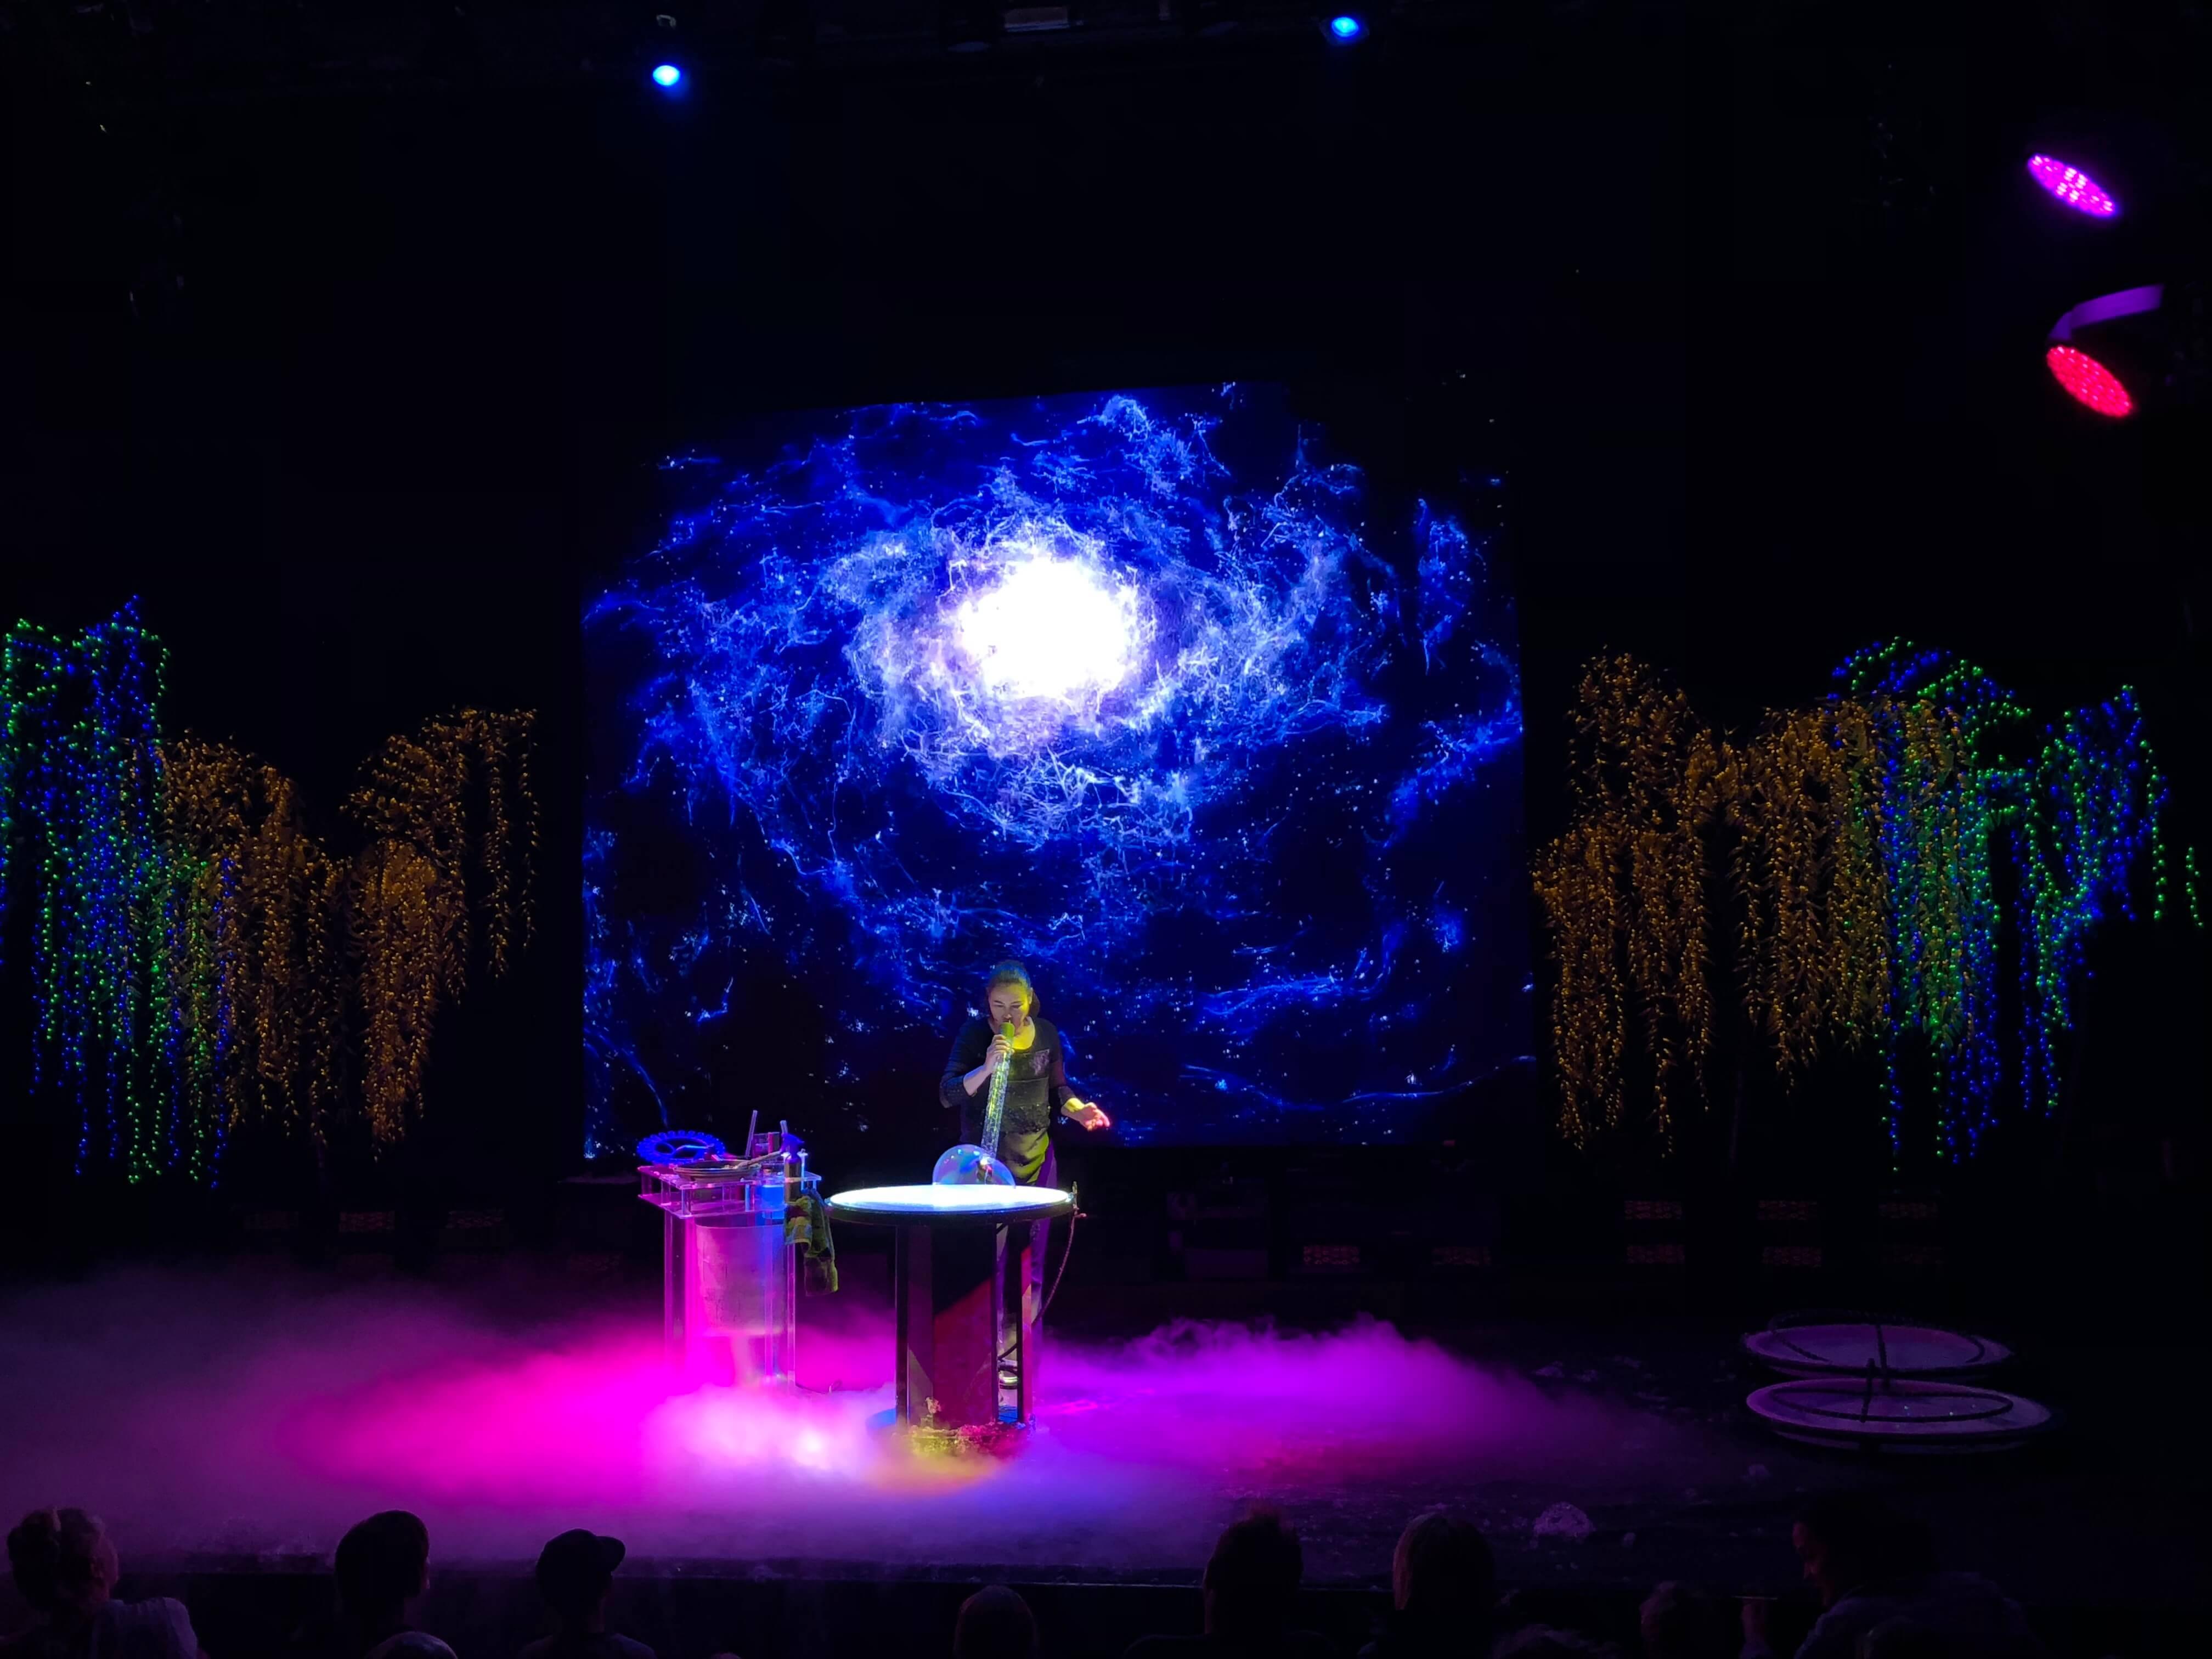 Gazillion Bubble Show blue world